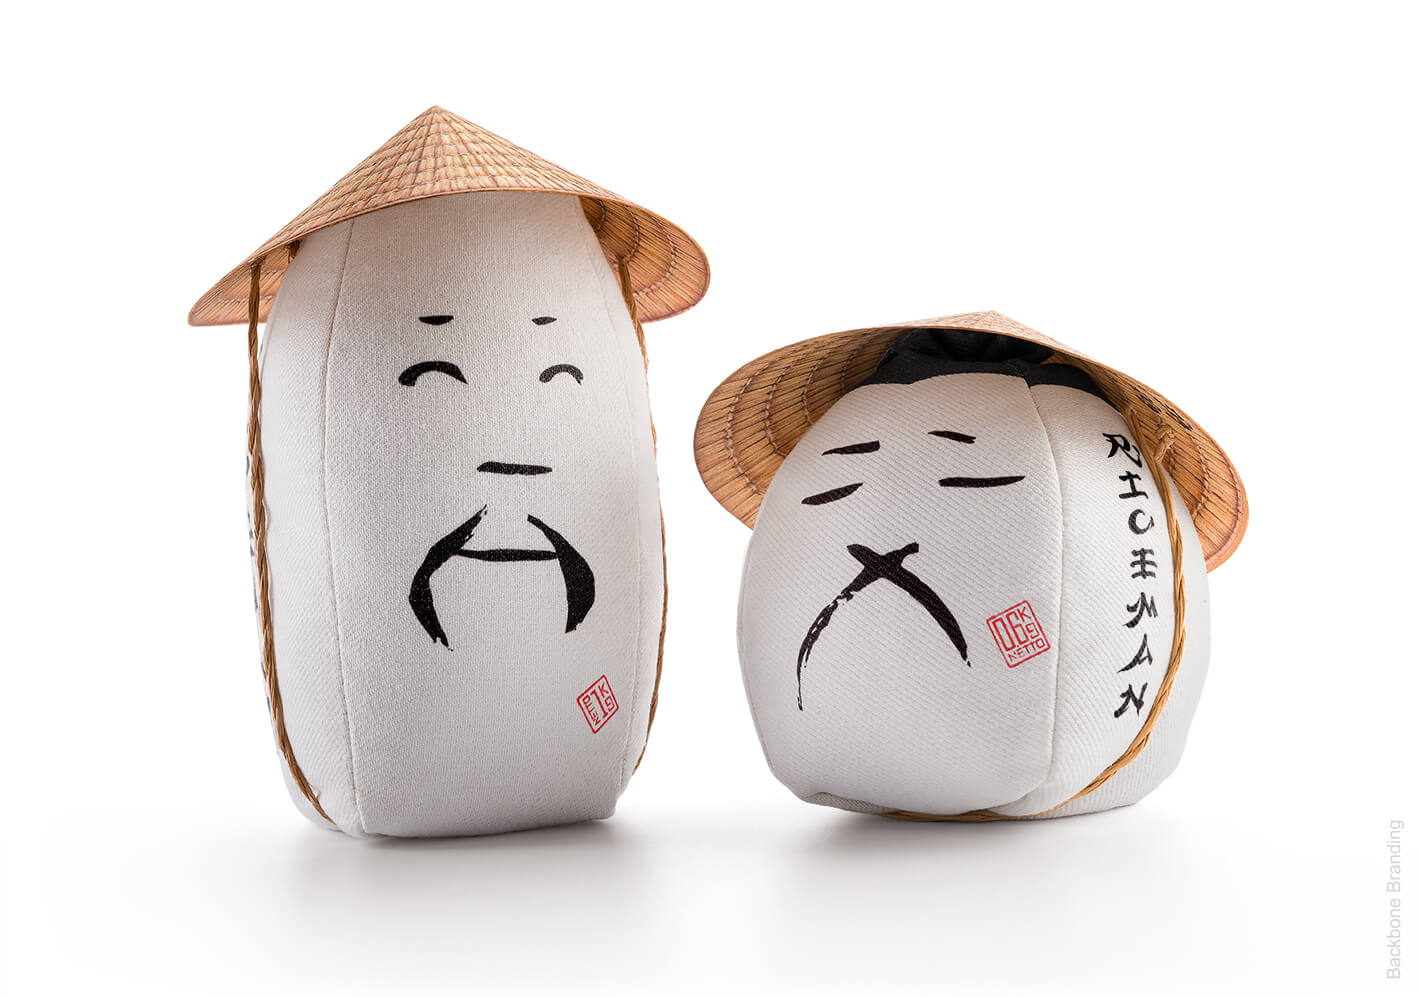 米老头大米……超市大米包装有这么可爱的话,我一次能吃下一袋!